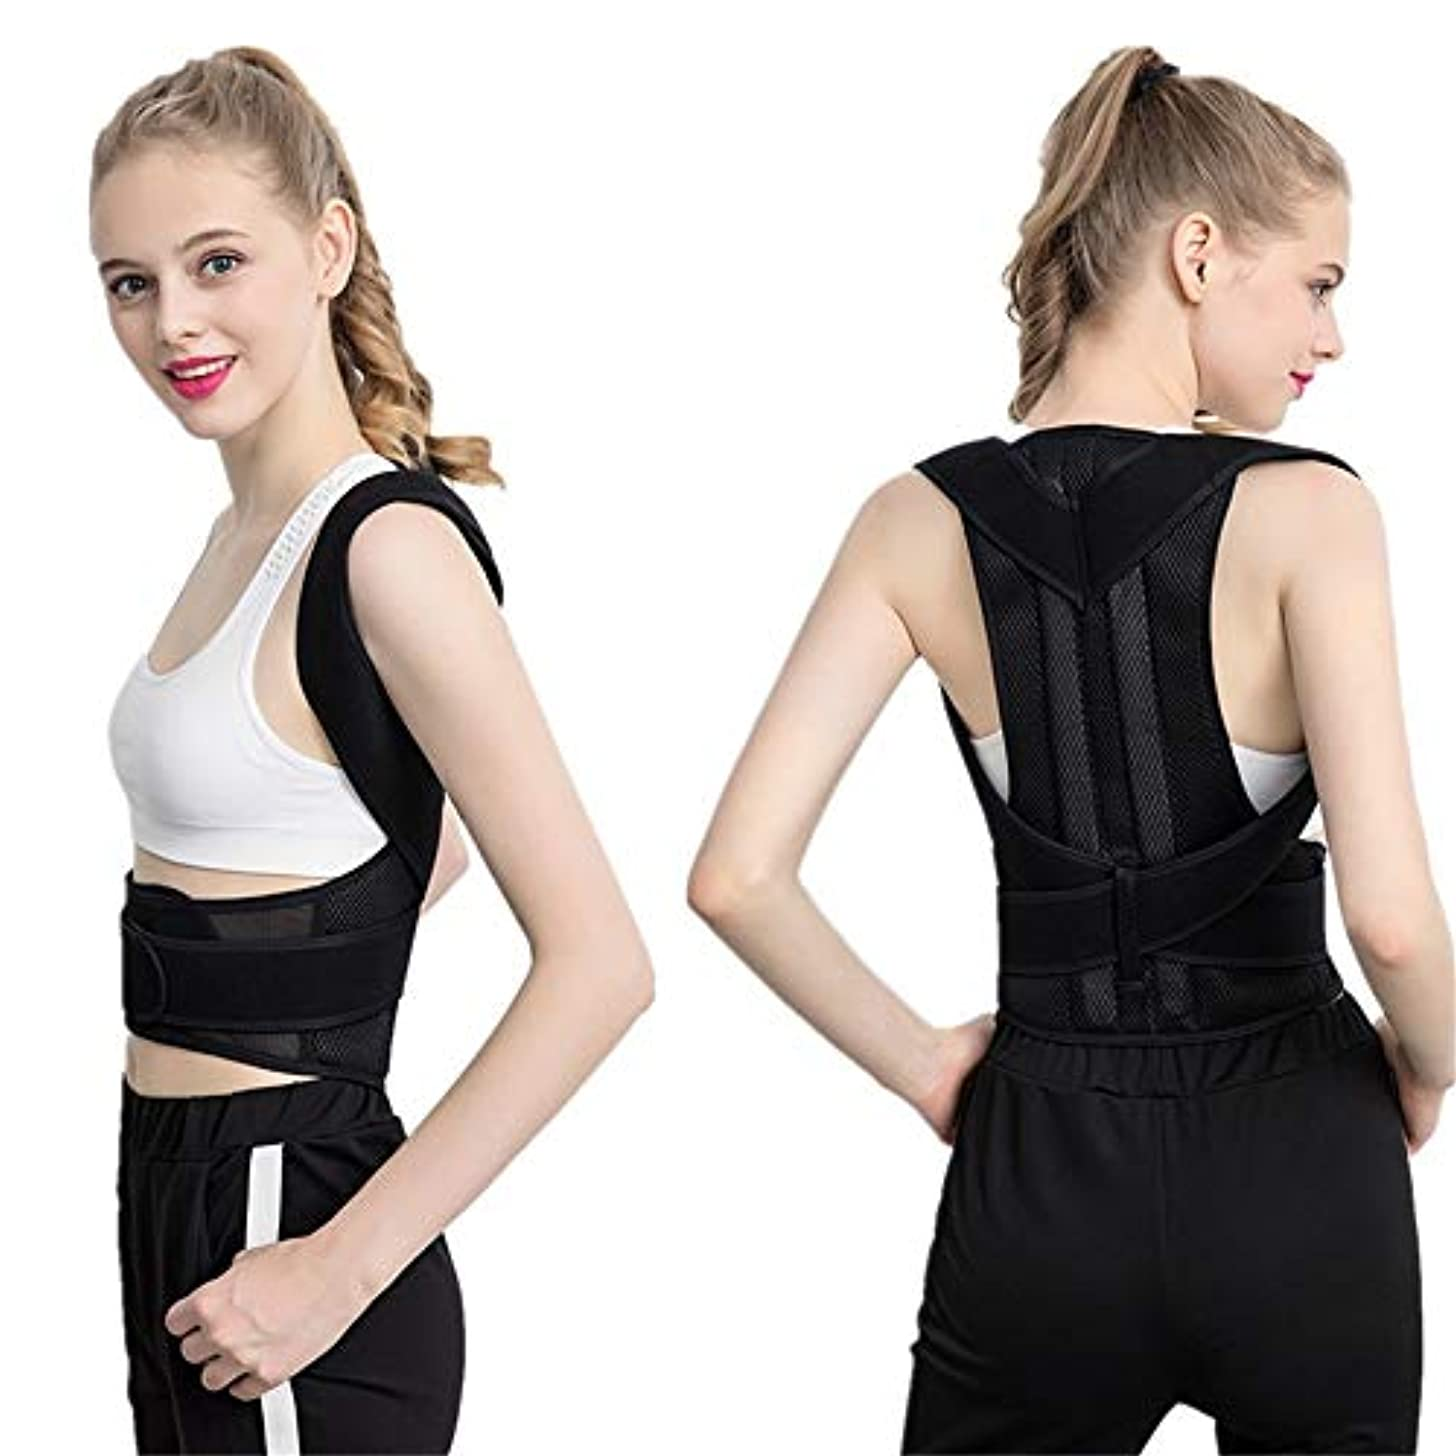 マートほのめかす矢バックブレース姿勢補正機能女性と男性のために脊椎を安全に保ちます姿勢補正機能が姿勢を改善します腰椎保護を提供しますフルアジャスタブル弾性ストラップ 男女兼用 (色 : ブラック, サイズ : M)